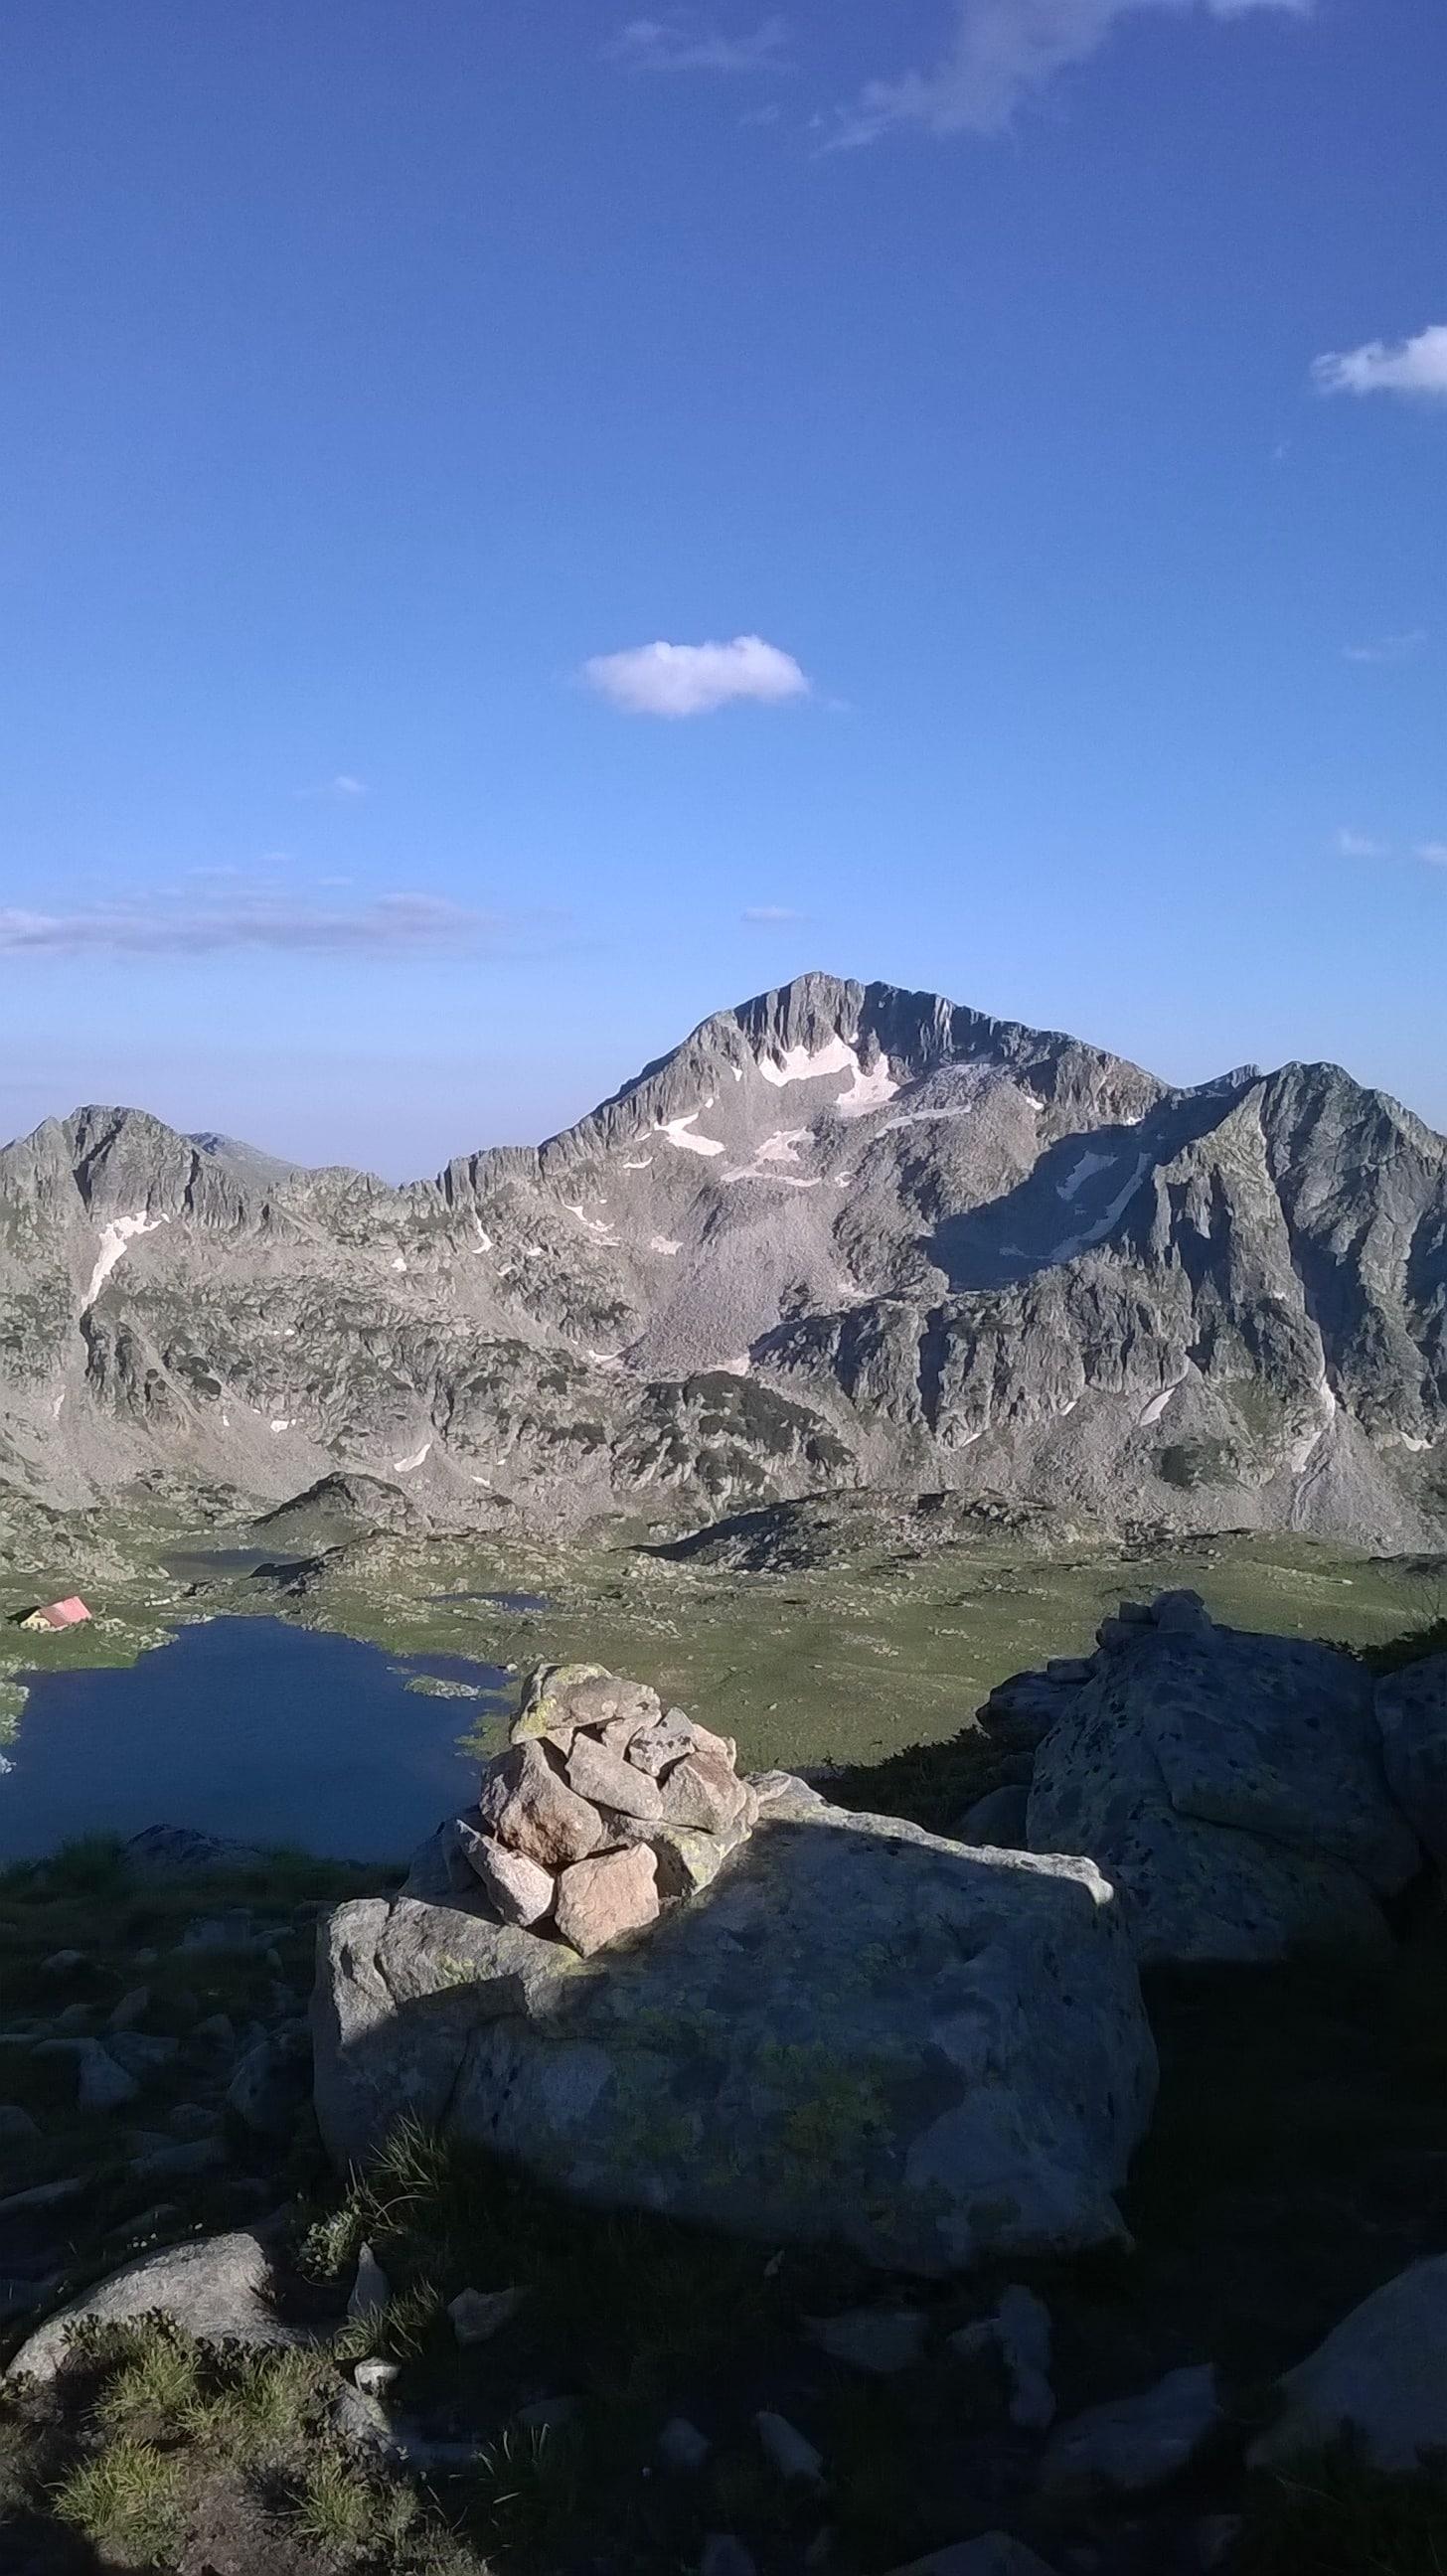 Tevno Ezero and the surrounding peaks, Pirin mountains